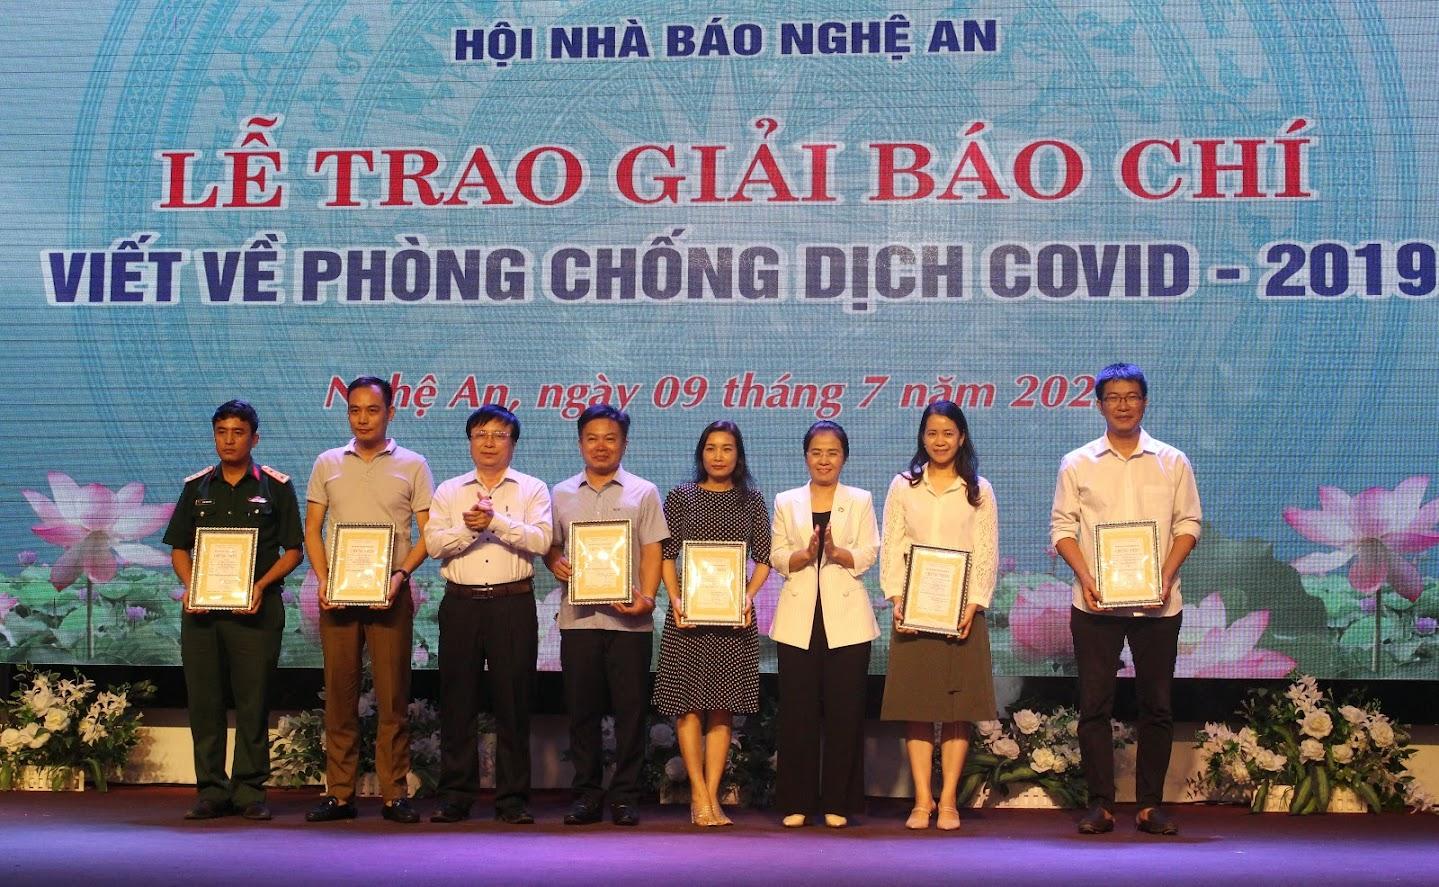 Đồng chí Võ Thị Minh Sinh - Chủ tịch Ủy ban MTTQ tỉnh và đồng chí Bùi Đình Long - Phó Chủ tịch UBND tỉnh trao giải Nhì cho các tác giả